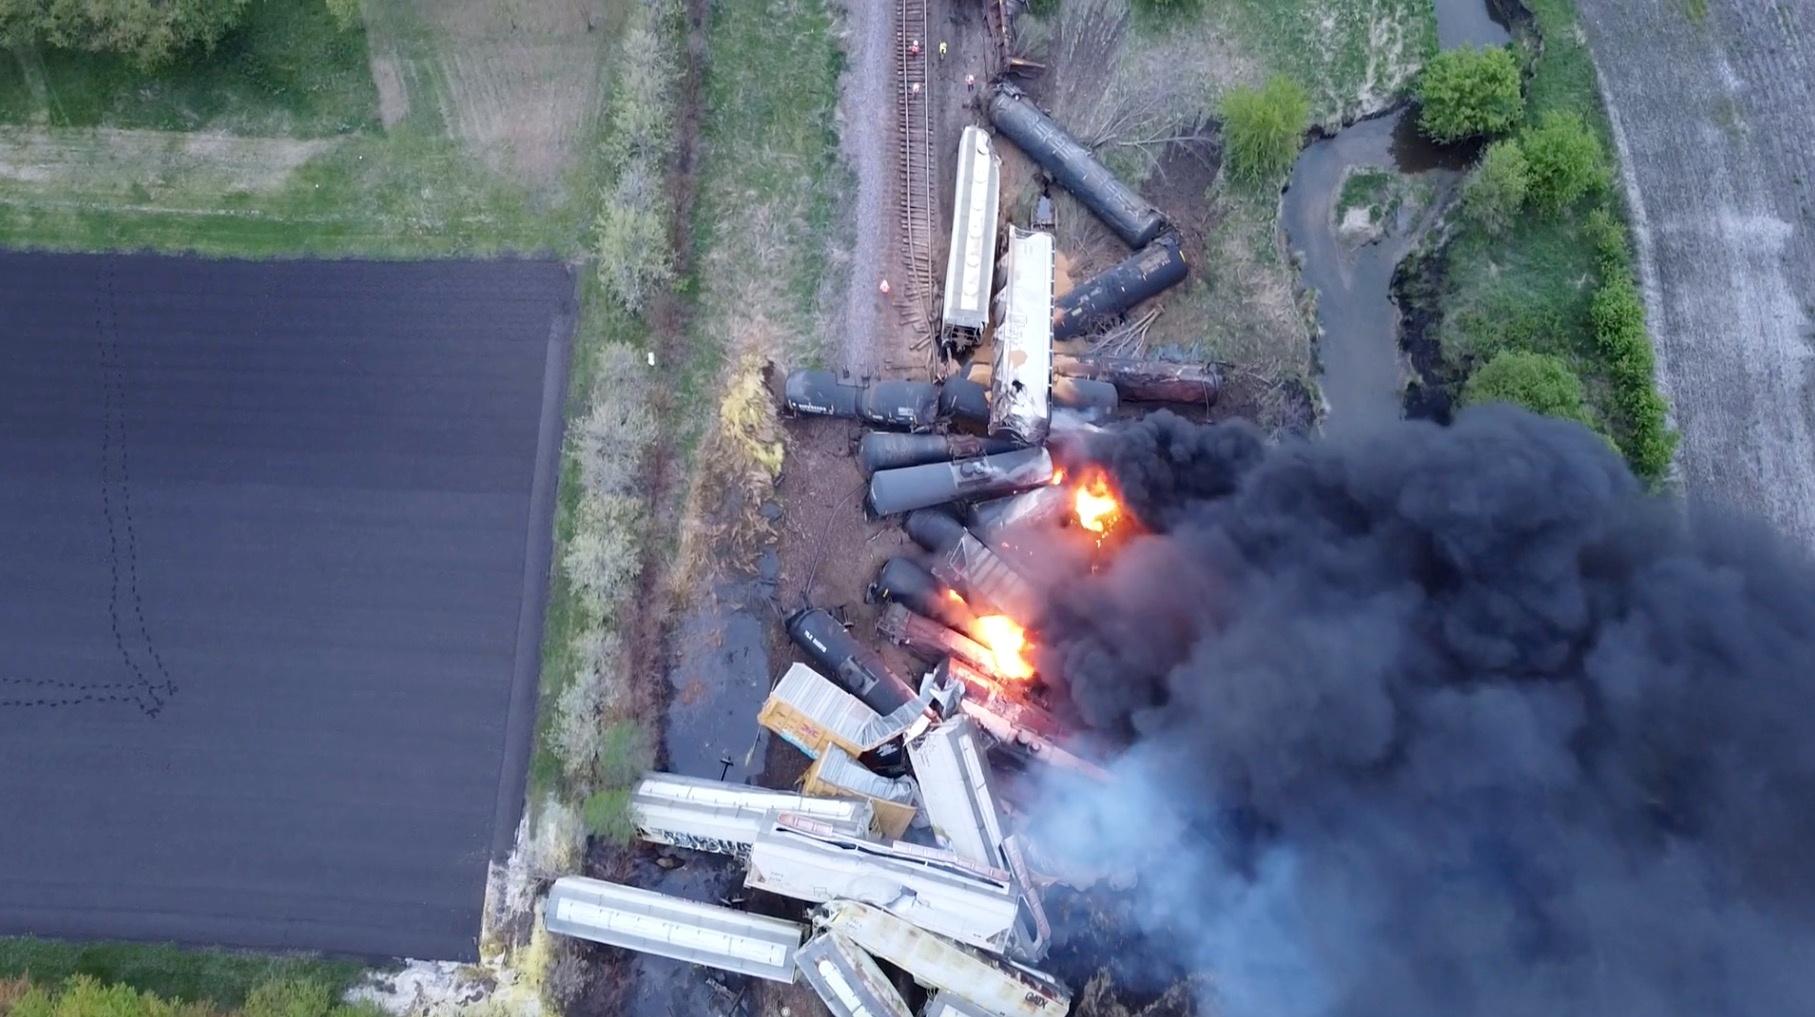 Συναγερμός στις ΗΠΑ: Εκτροχιάστηκε τρένο με επικίνδυνα υλικά – Εκκενώθηκε η περιοχή (pics)